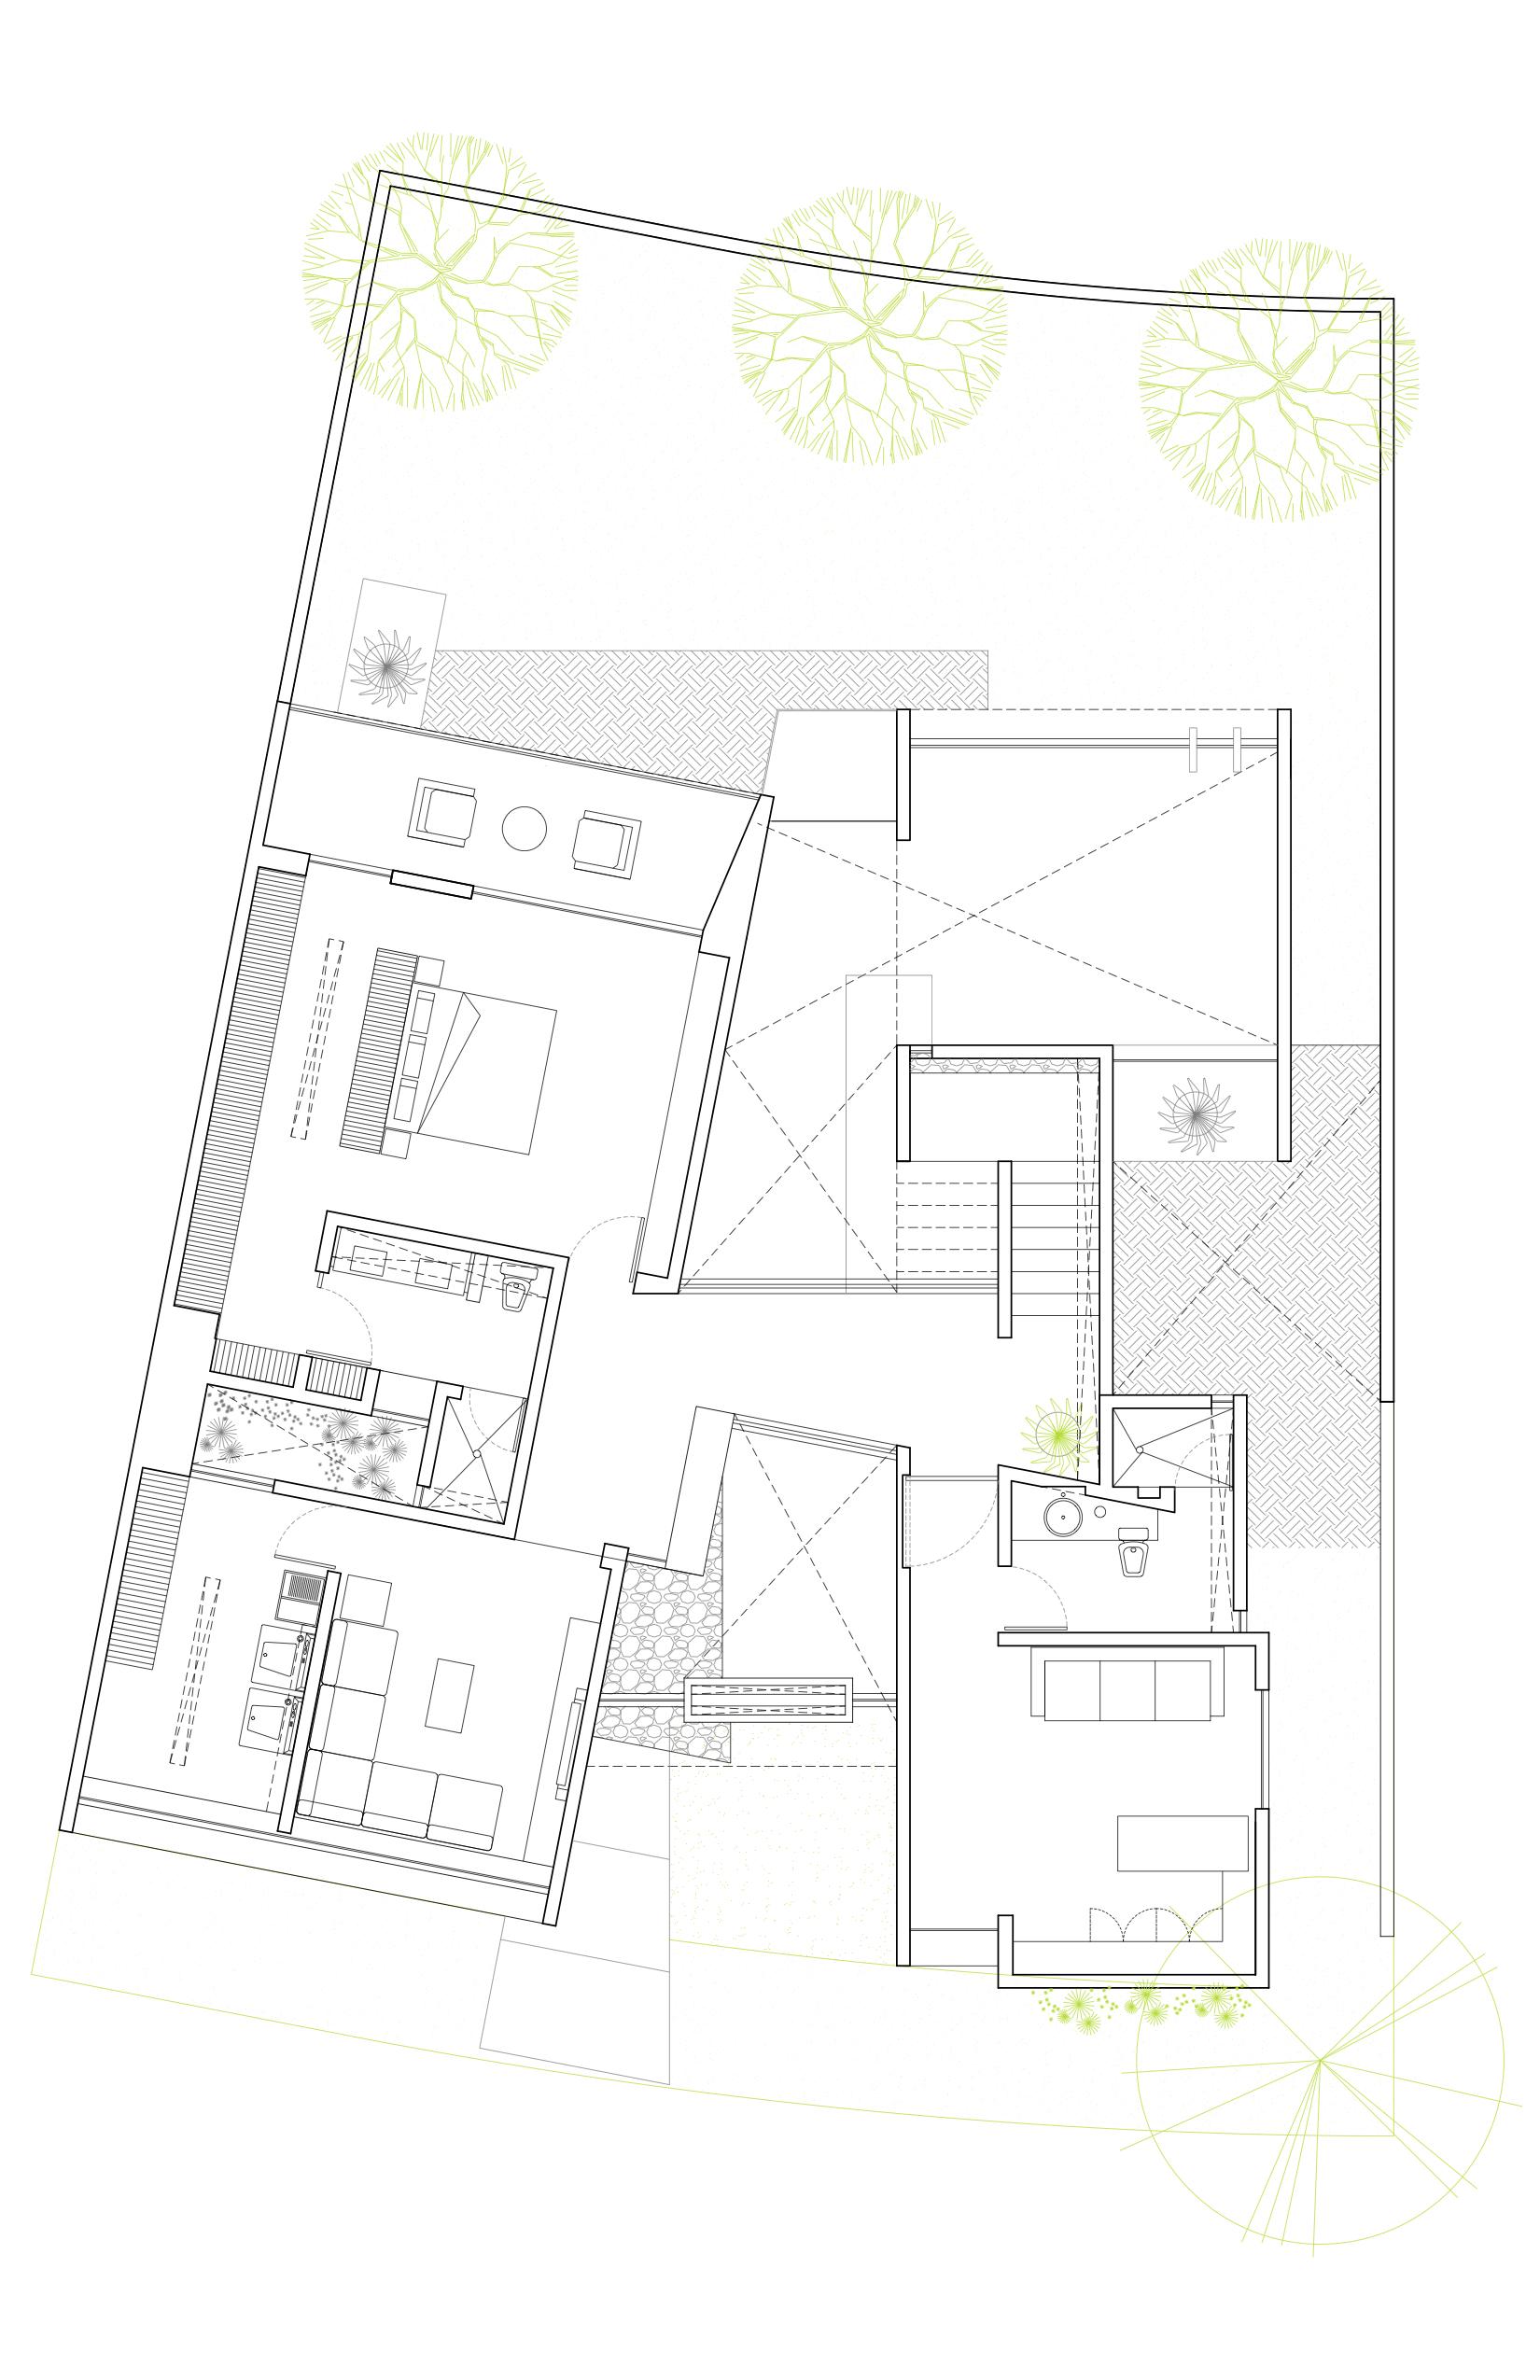 Galer a de casa r p adi arquitectura y dise o interior 21 for Arquitectura y diseno interior